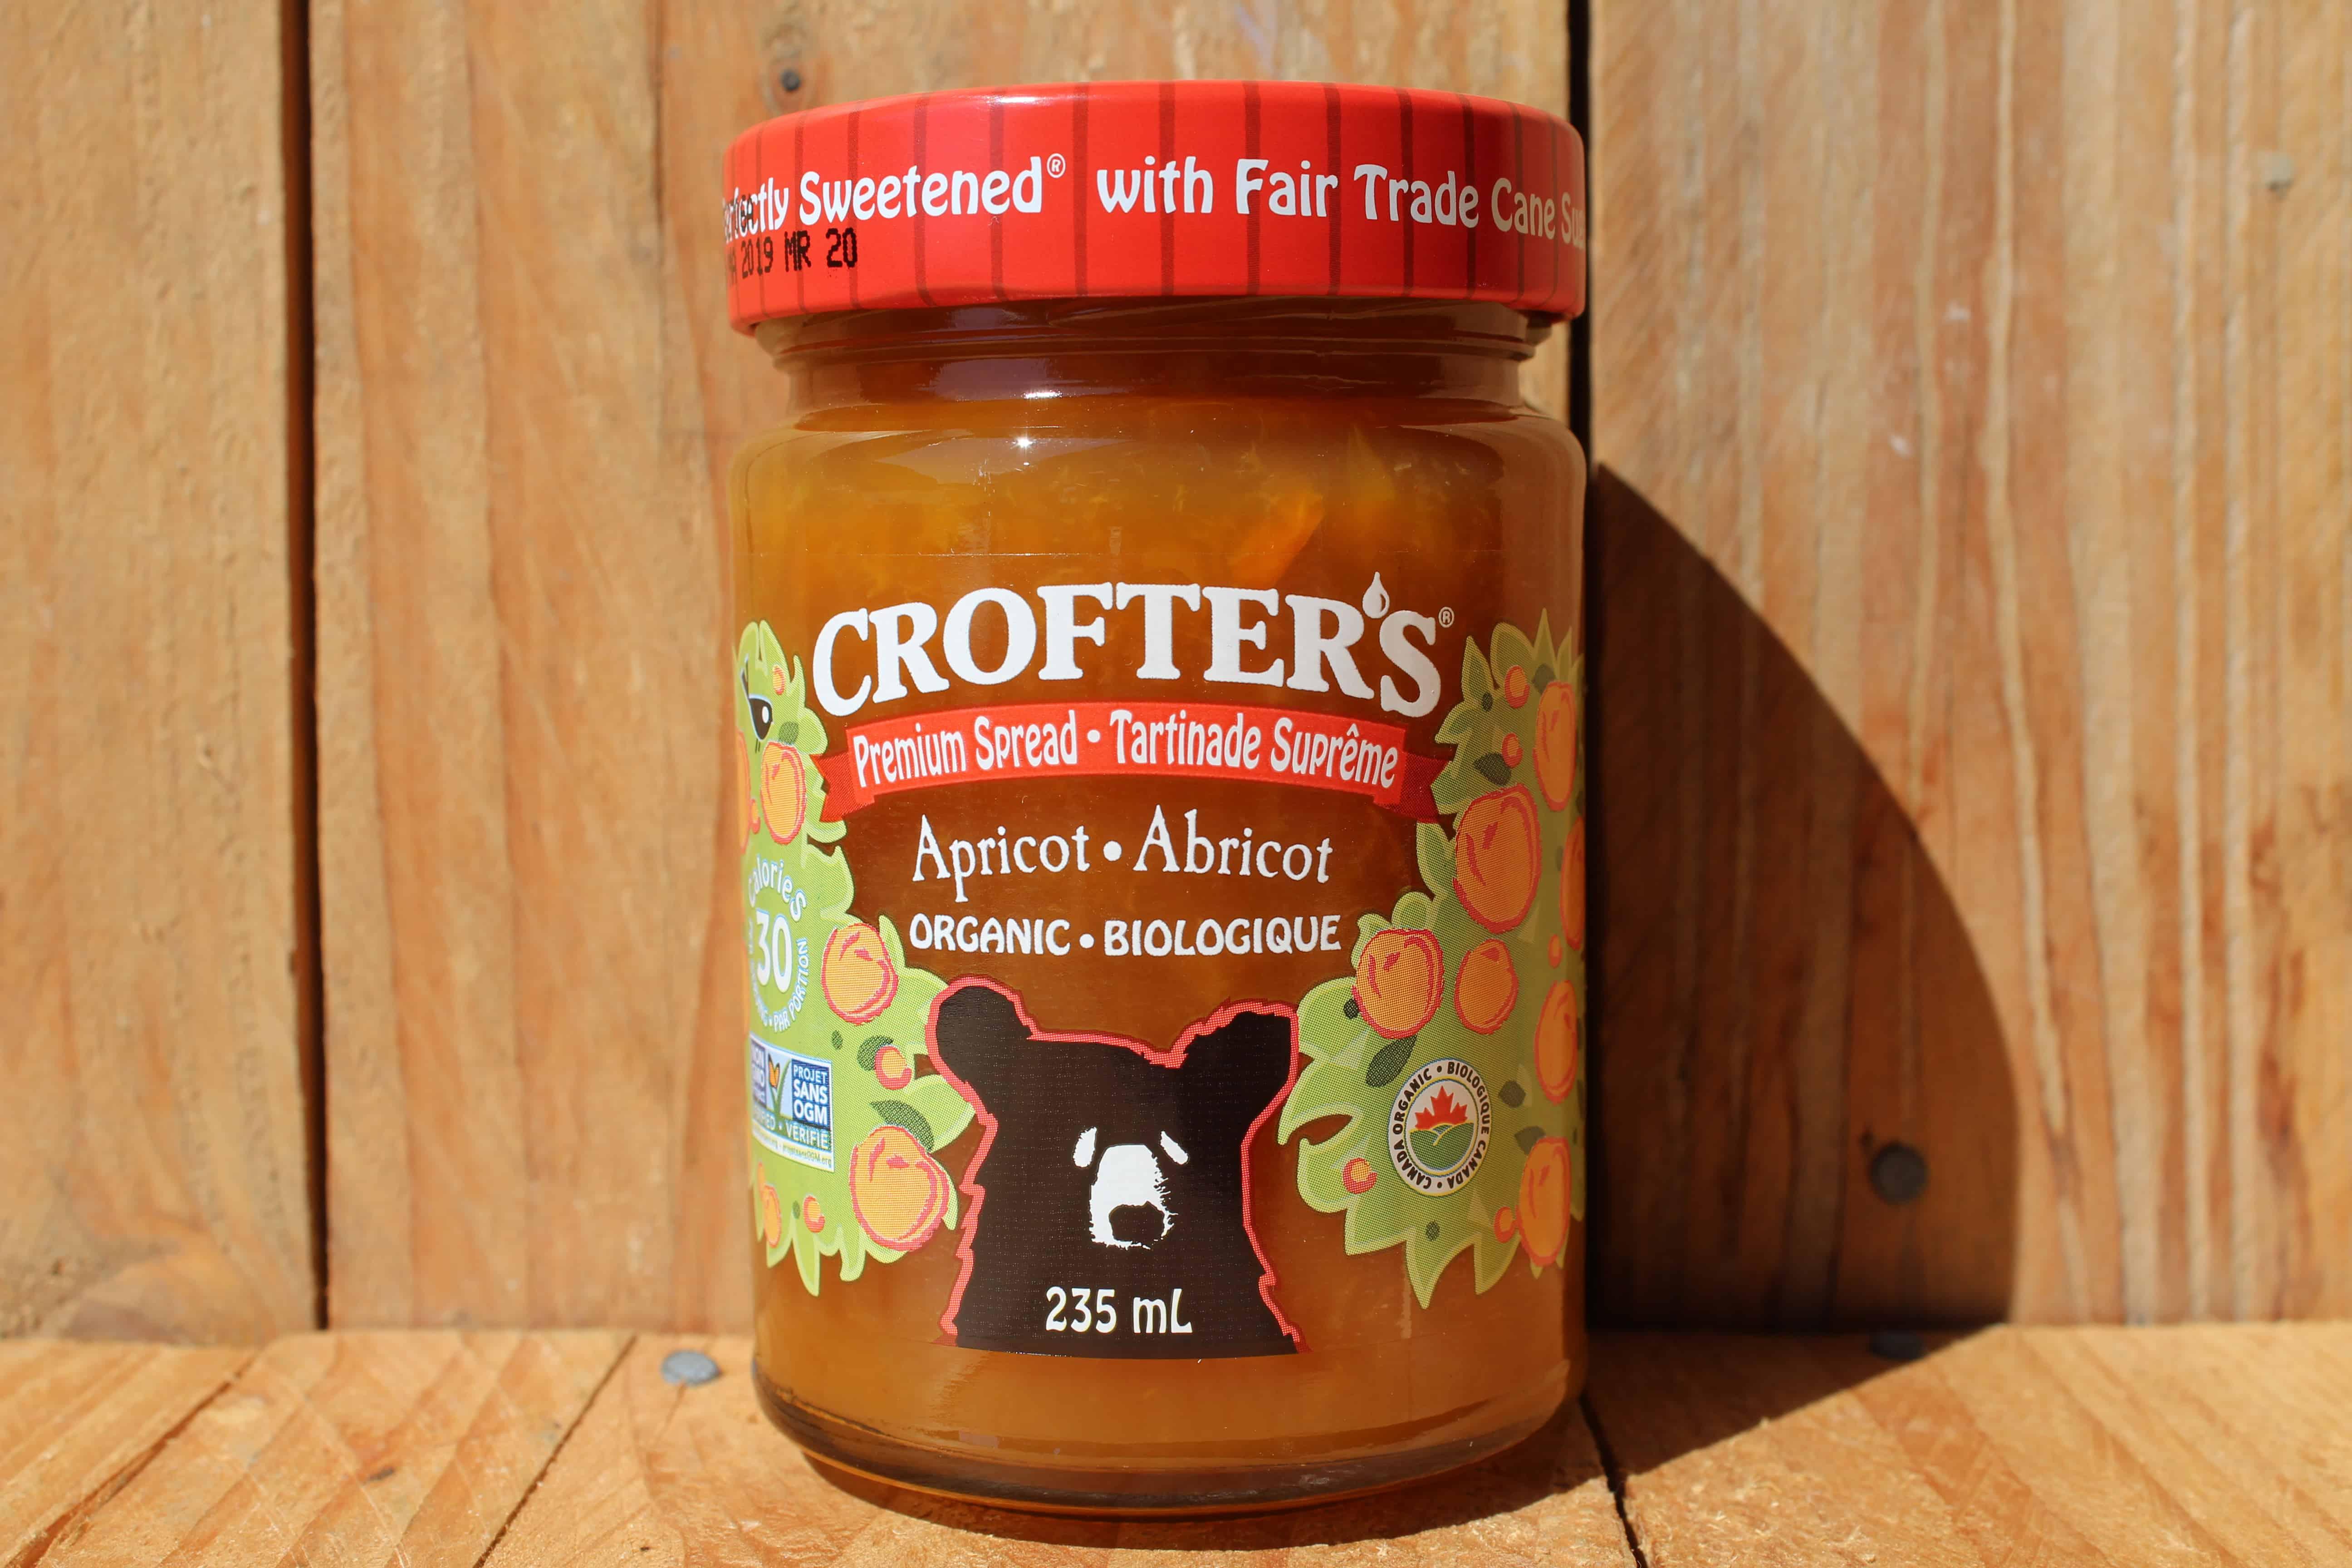 Crofters – Organic Premium Spread – Apricot (235ml Jar)